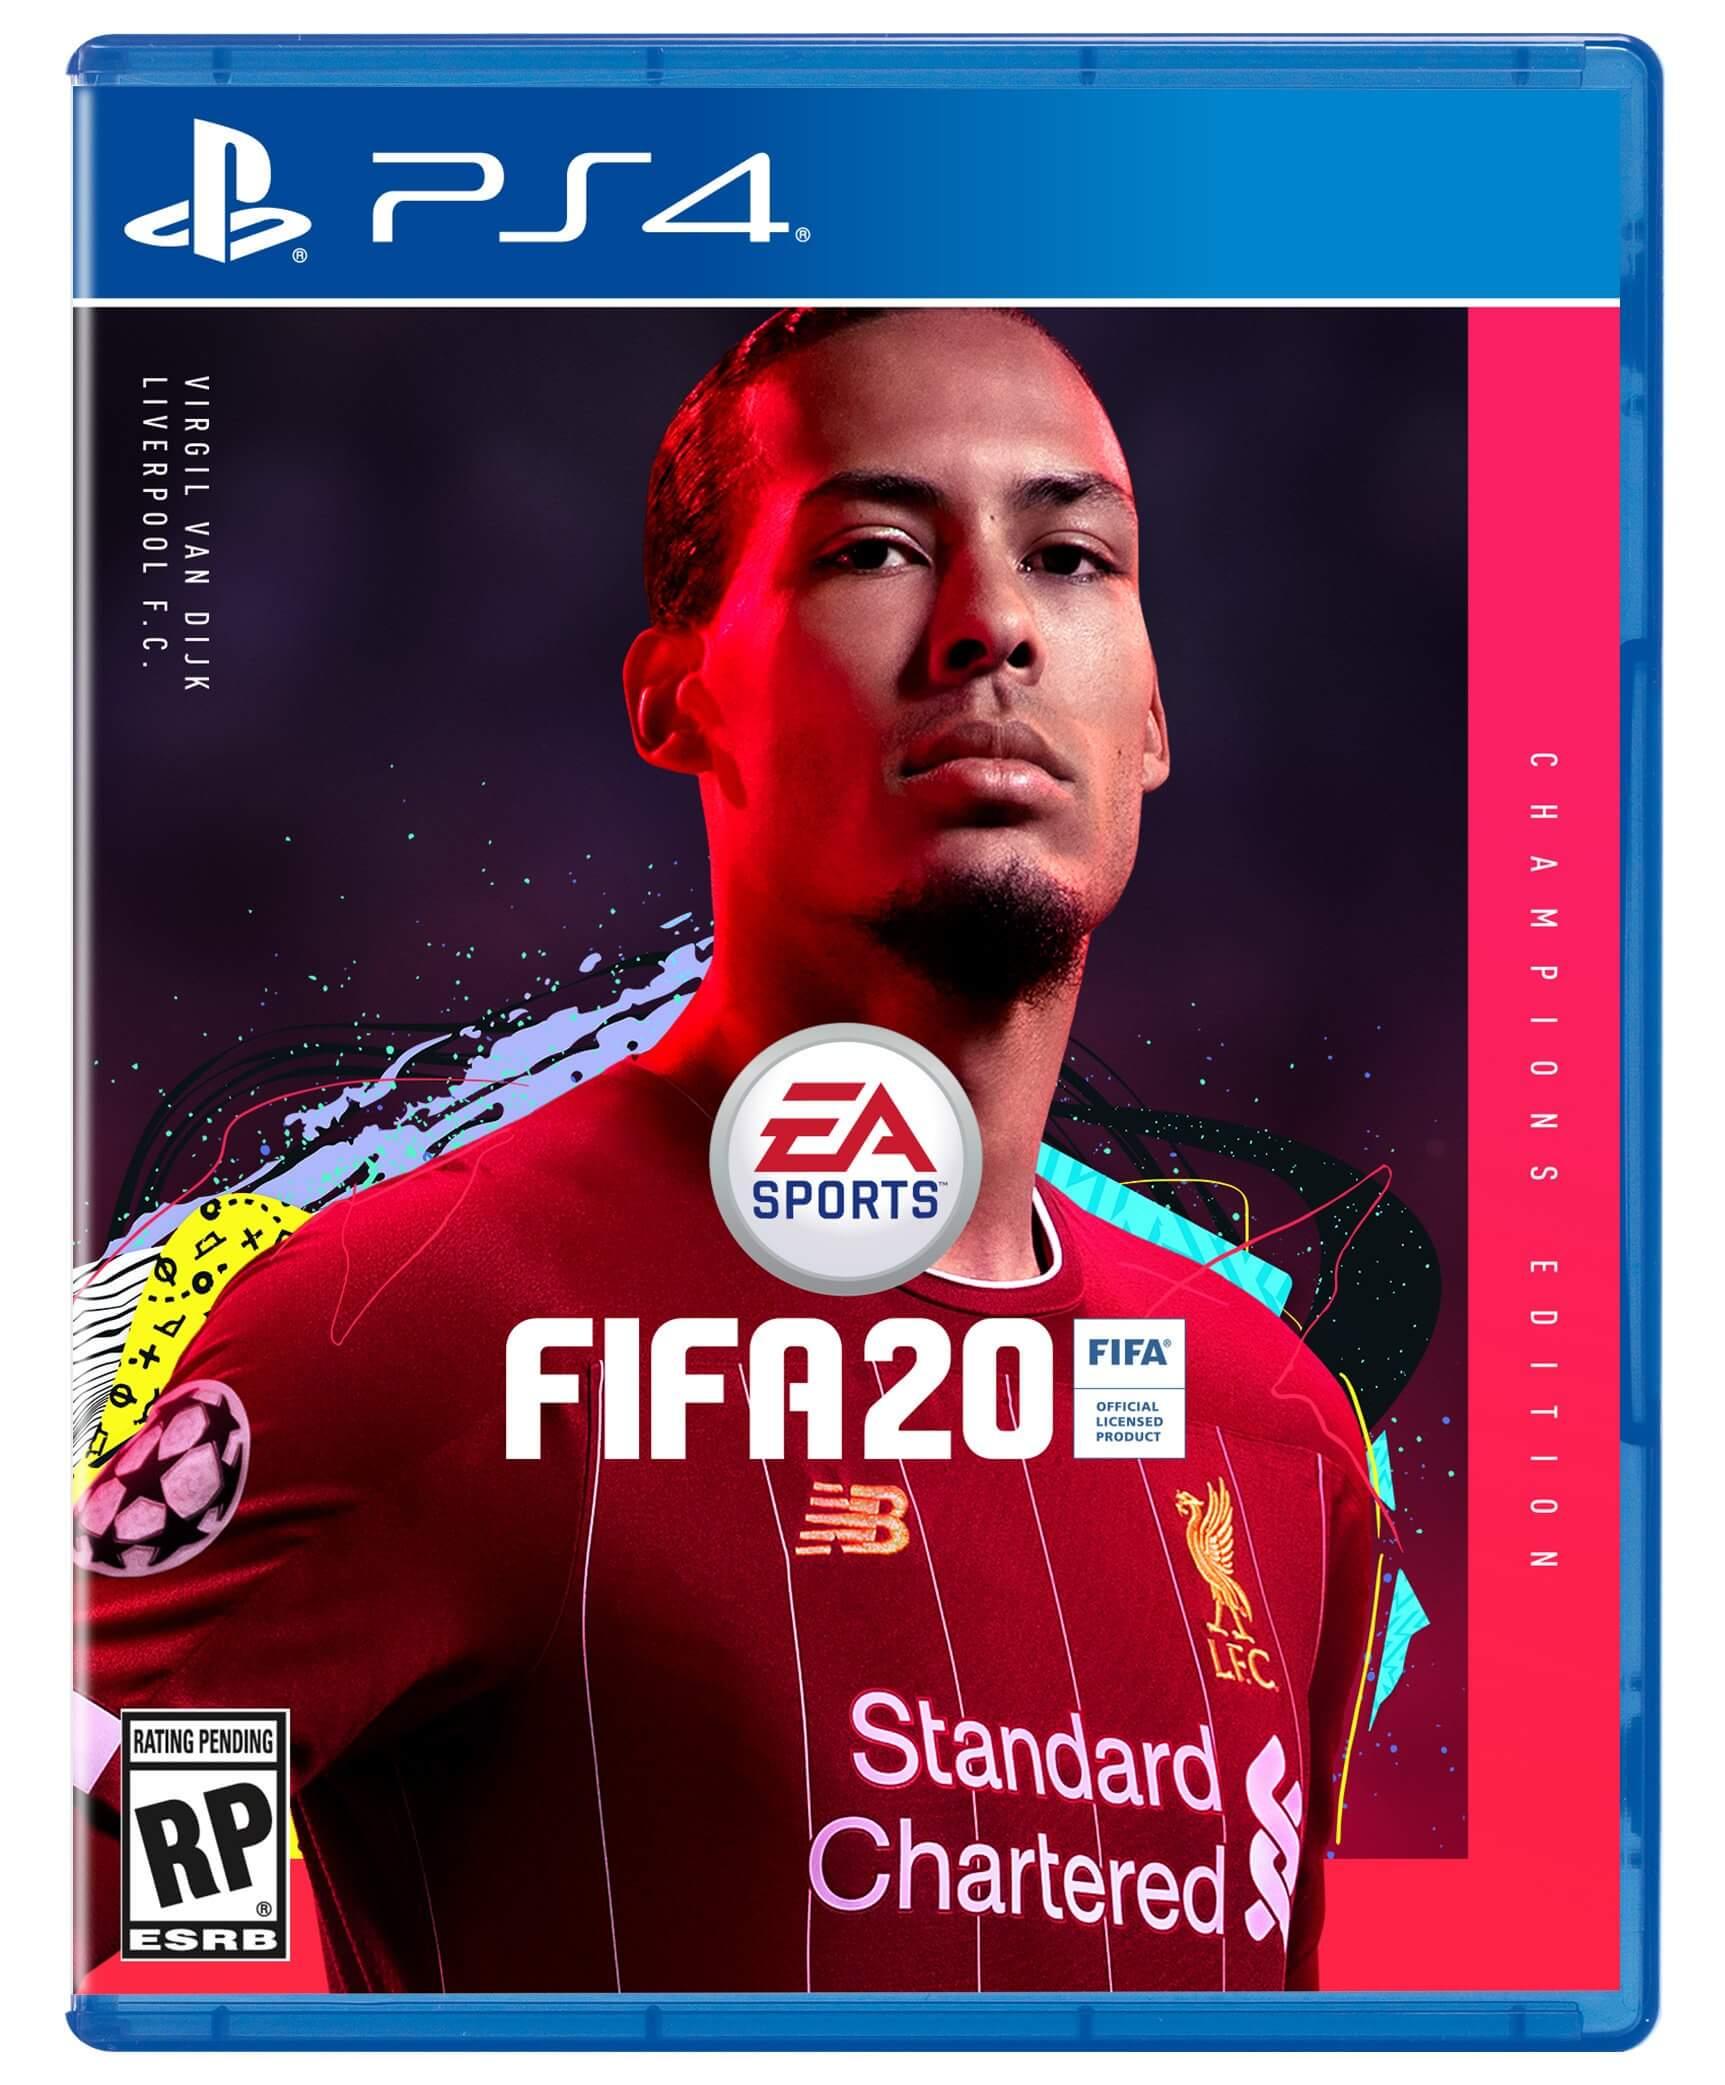 Cover ufficiale di FIFA 20 Champions Edition con Van Dijk